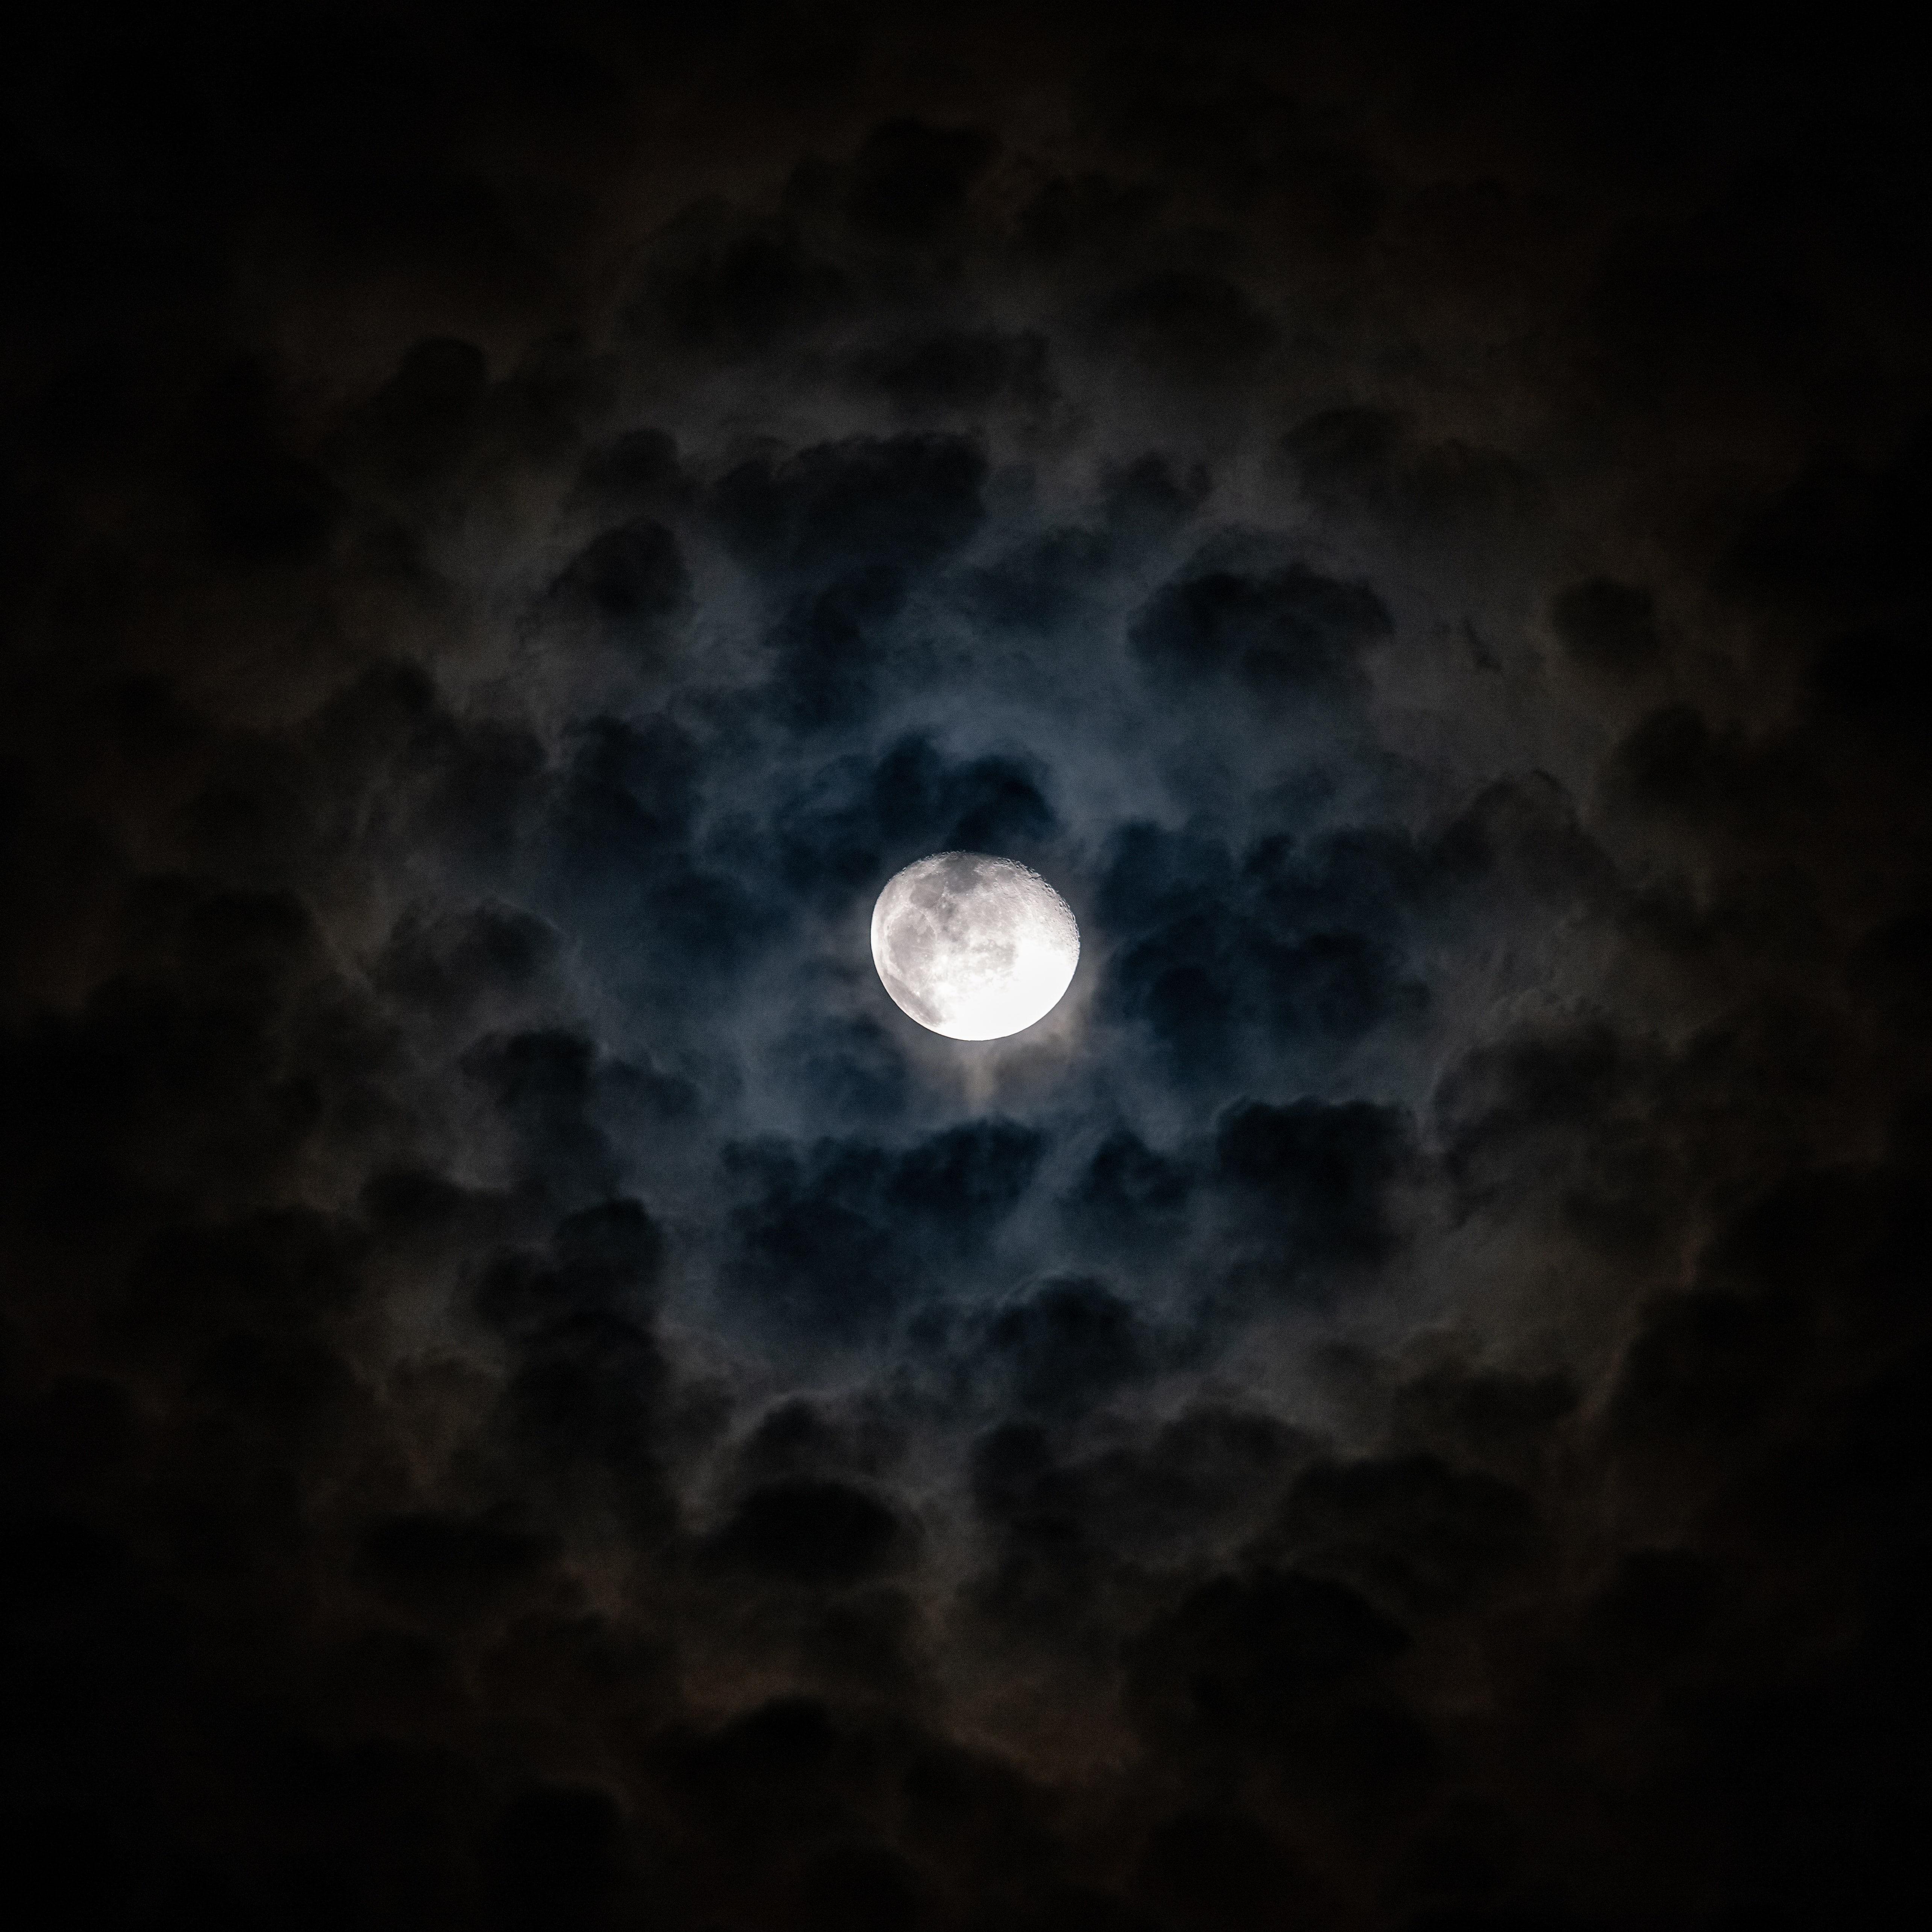 Spooky spooky moon in cloud cover